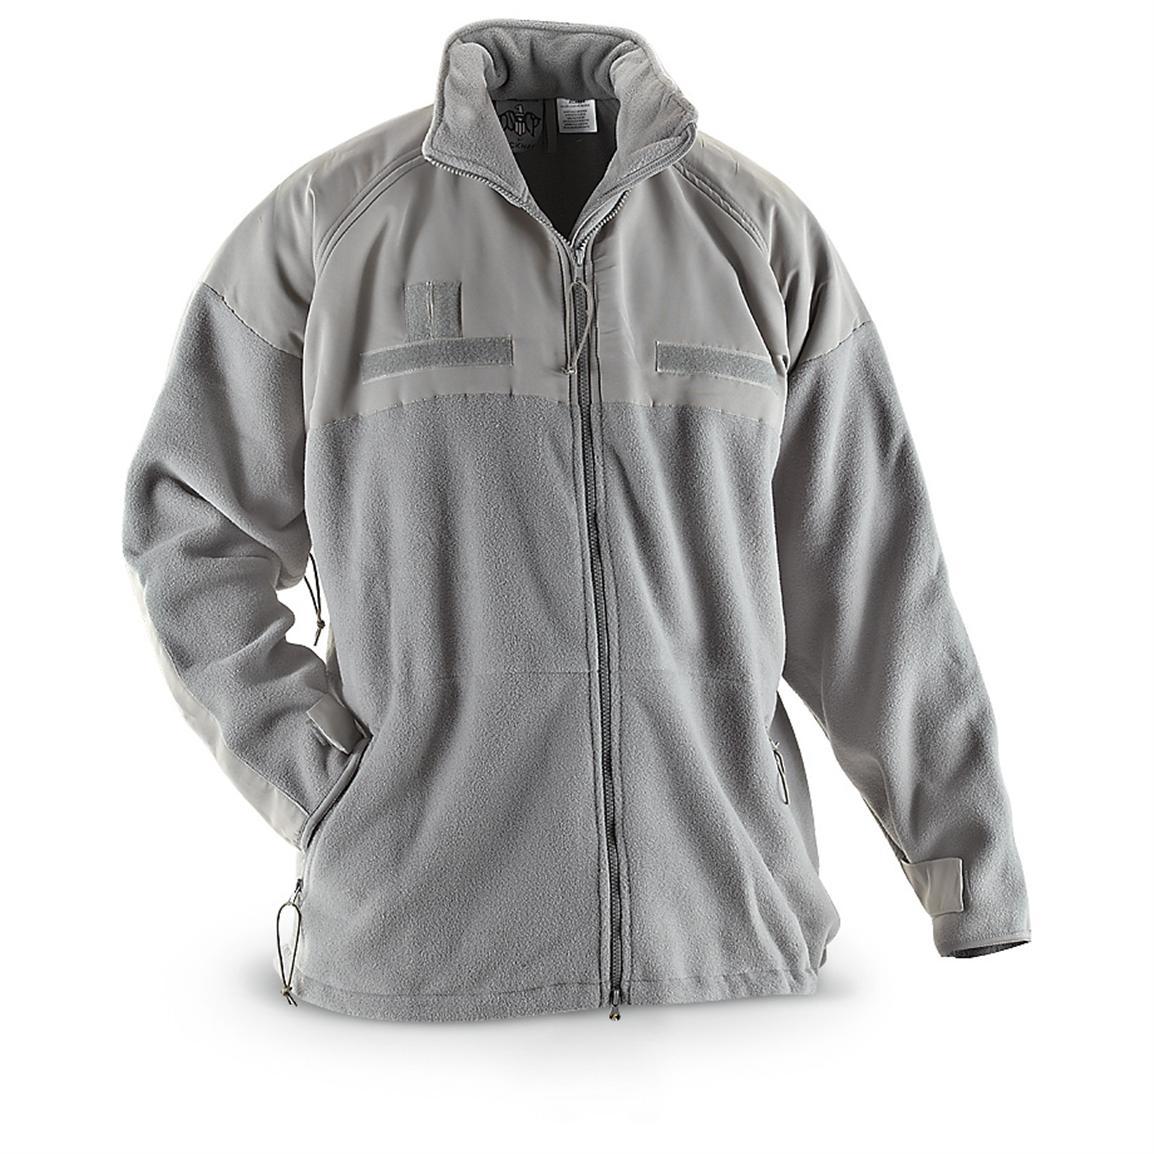 U.S. Military Surplus Polartec Fleece Jacket, New, Foliage